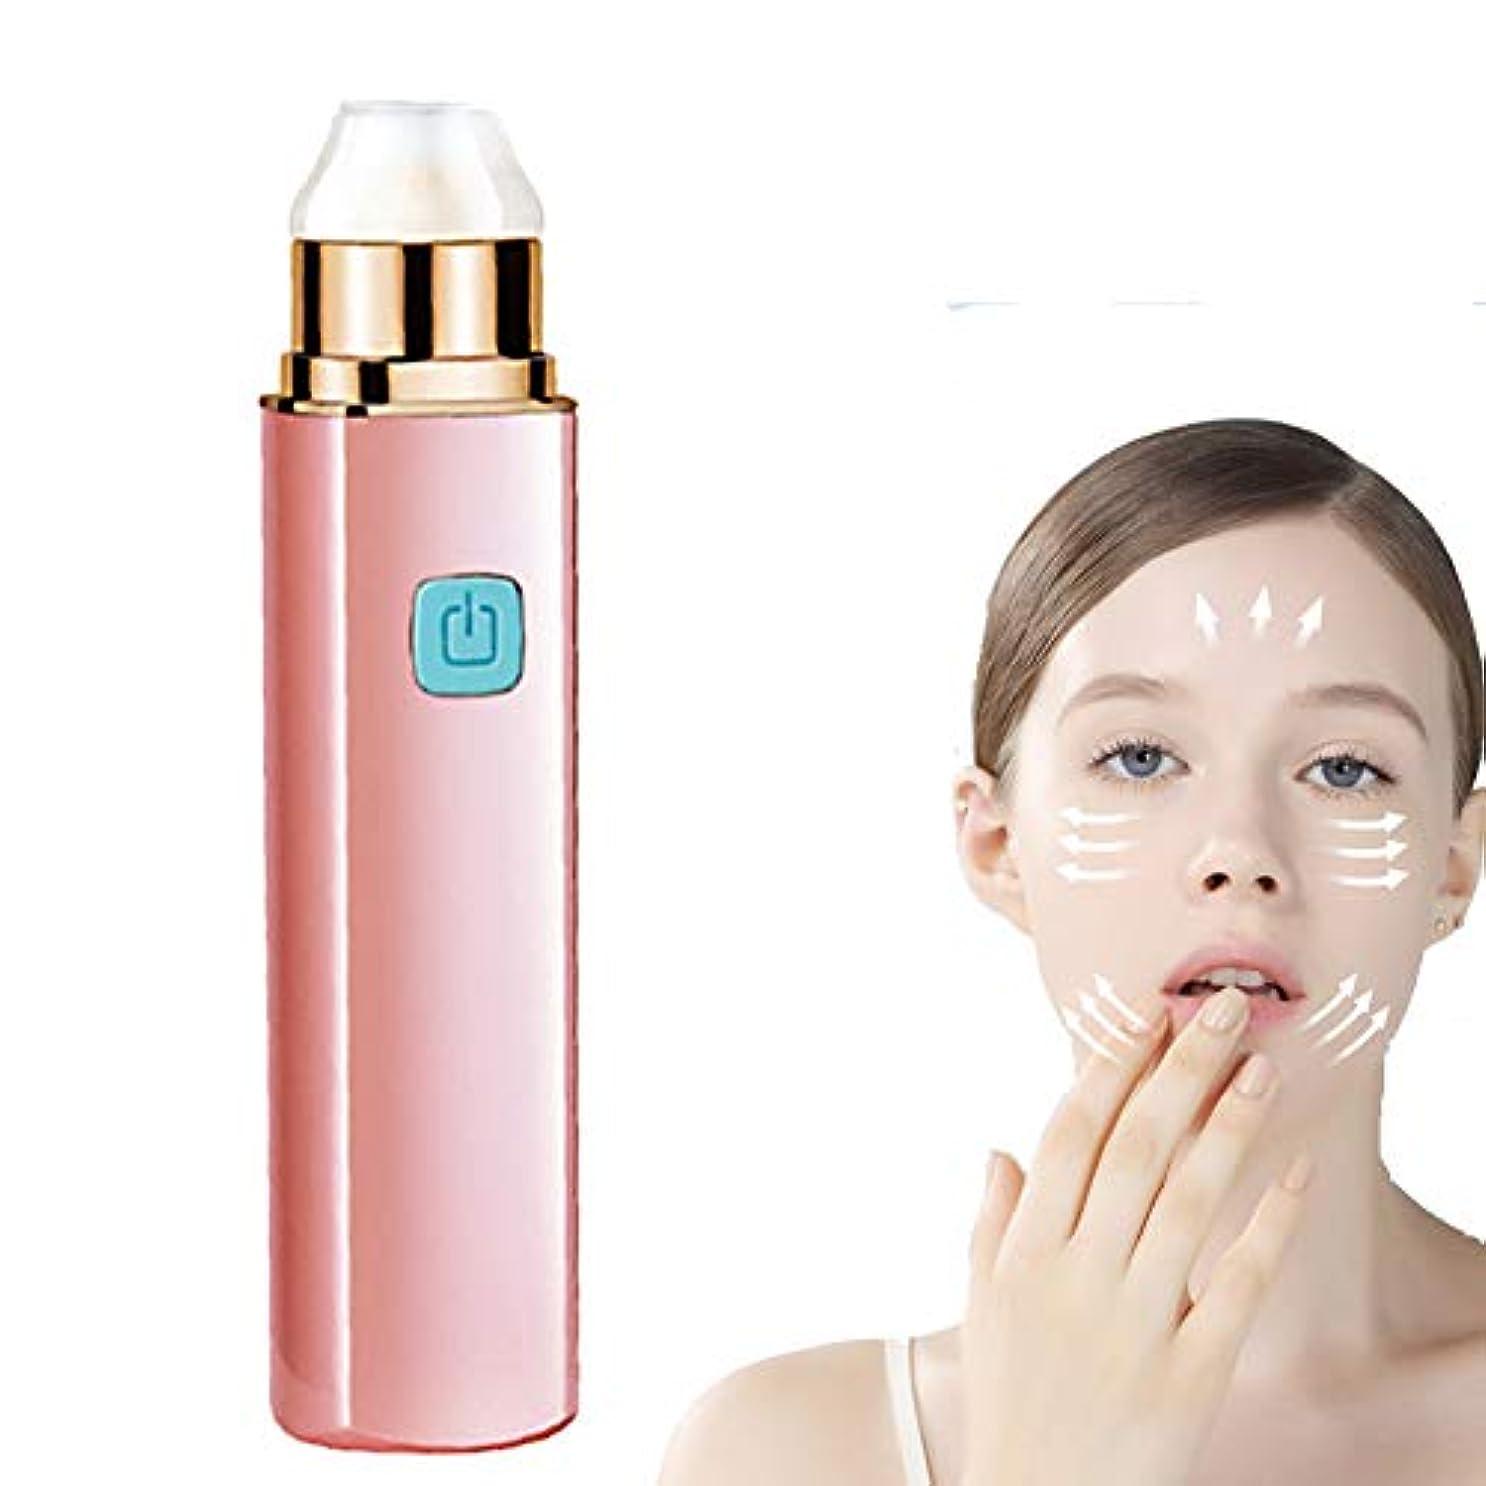 麻痺させる受粉する慢ミニ美容機器、電気ブラックヘッドリムーバー、クリーン毛穴機器、顔の皮膚の削除ツールのクリーニング